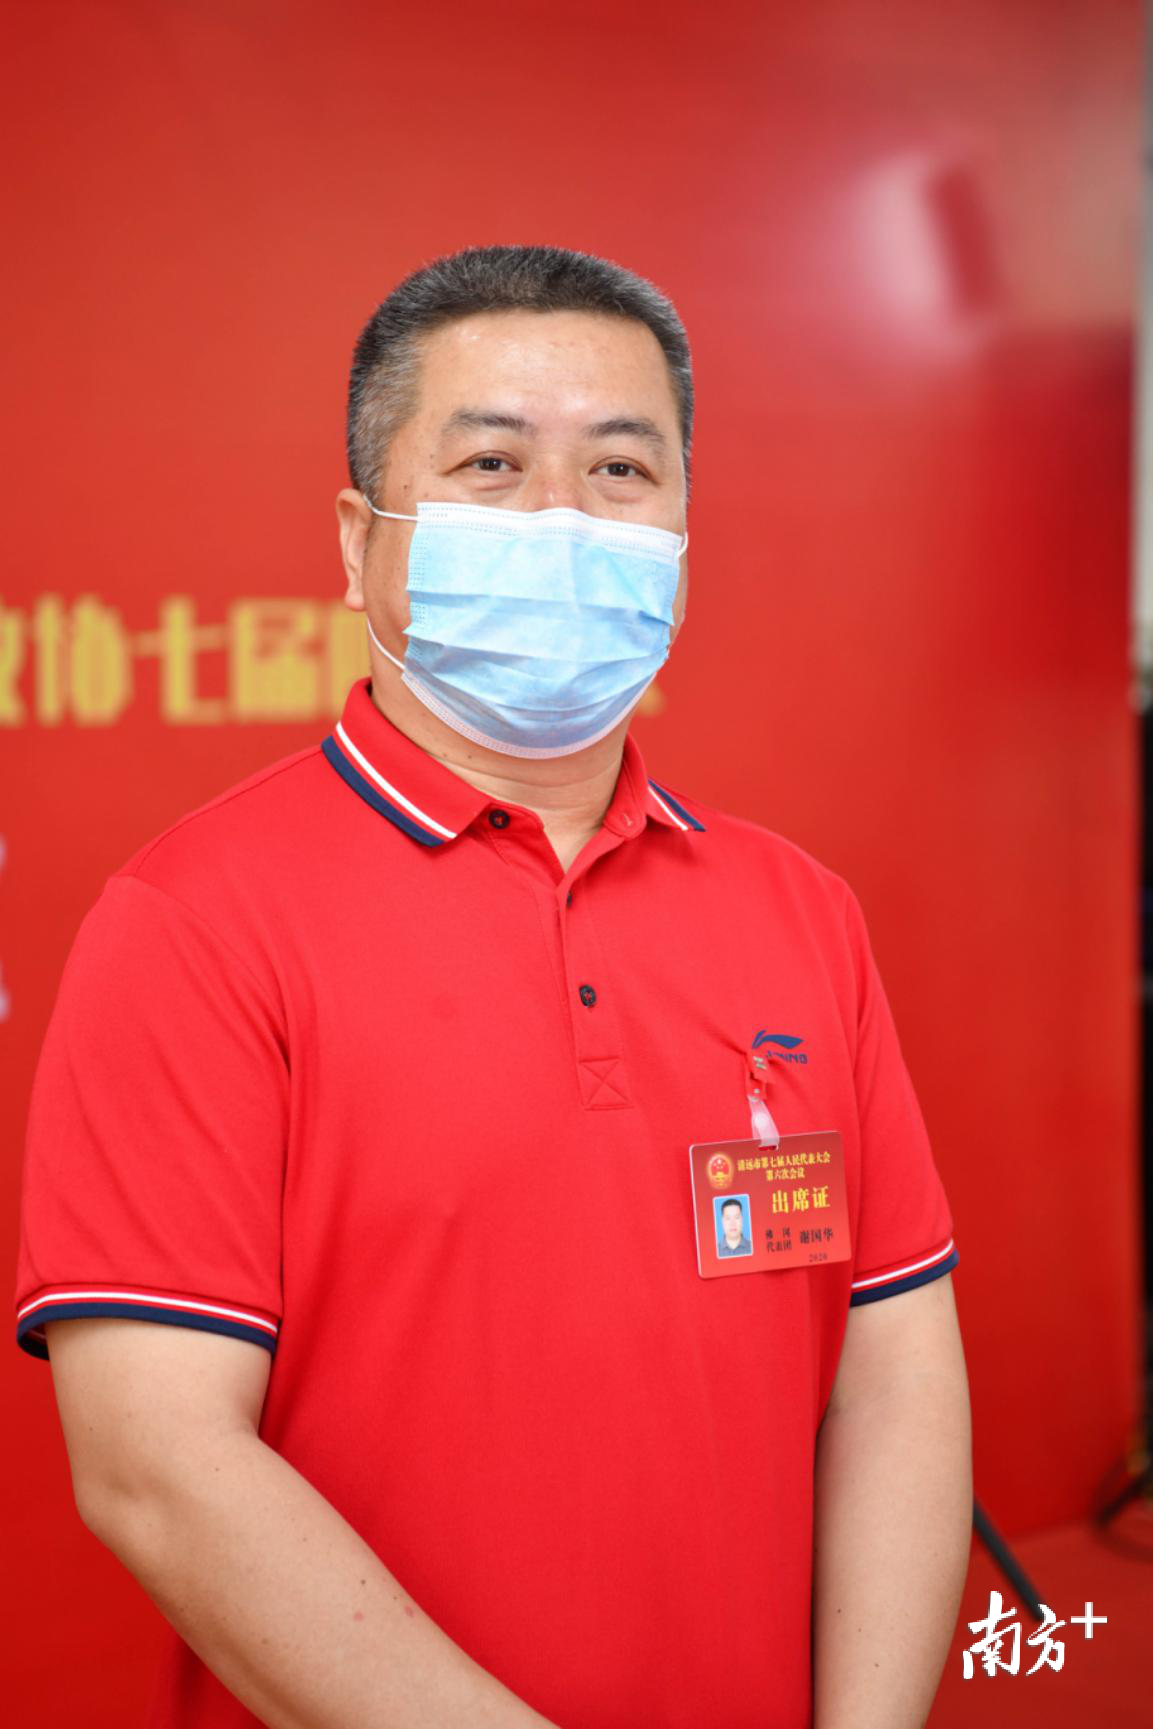 清远市人大代表谢国华接受媒体采访。记者 曾亮超 摄